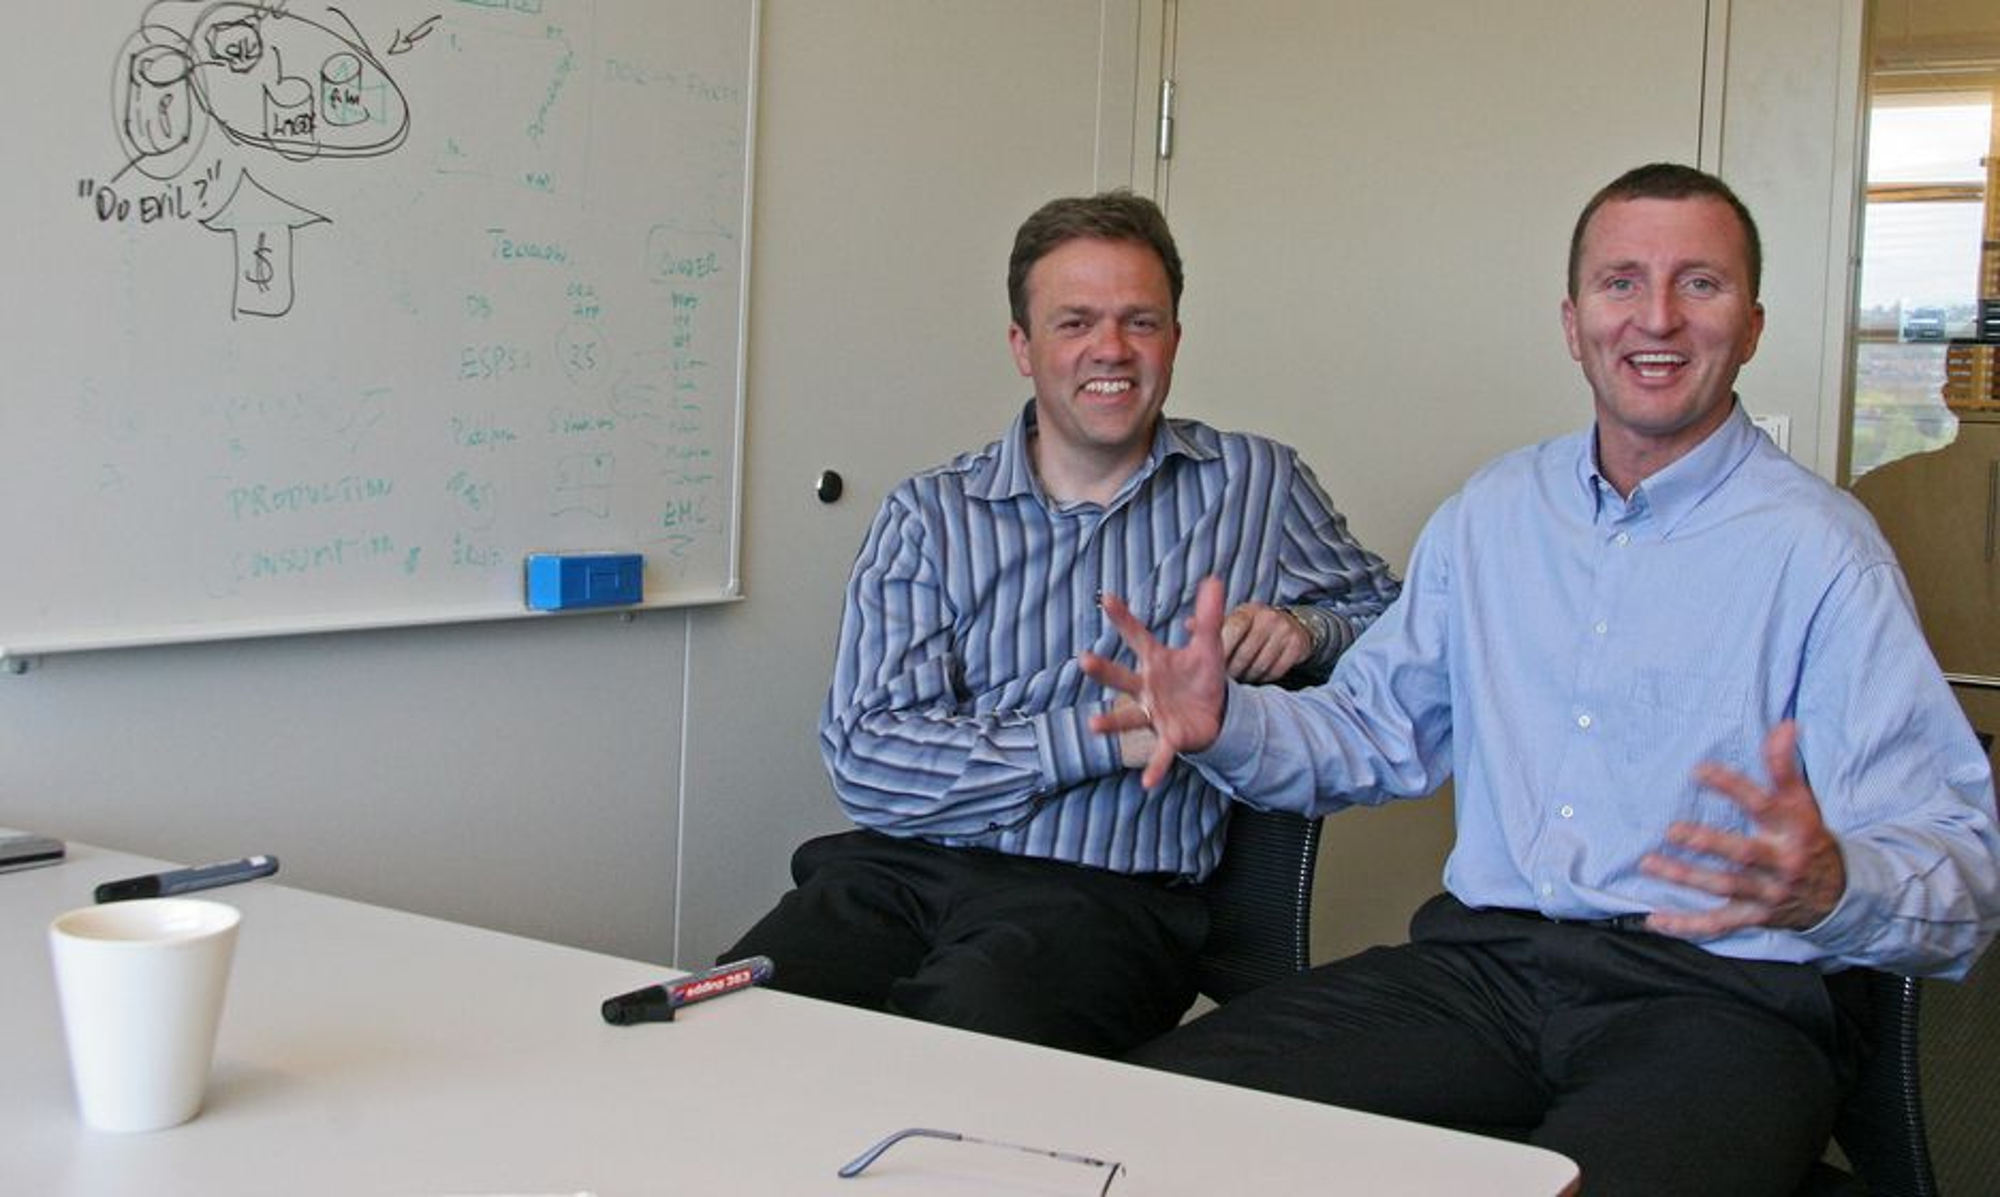 Teknologidirektør og professor ved NTNU, Bjørn Olstad og sjefforsker og professor ved Universitetet i Tromsø, Dag Johansen i søkemotorselskapet Fast Search & Transfer tror søkemotoren vil utkonkurrere databasen når informasjonsmengden øker.